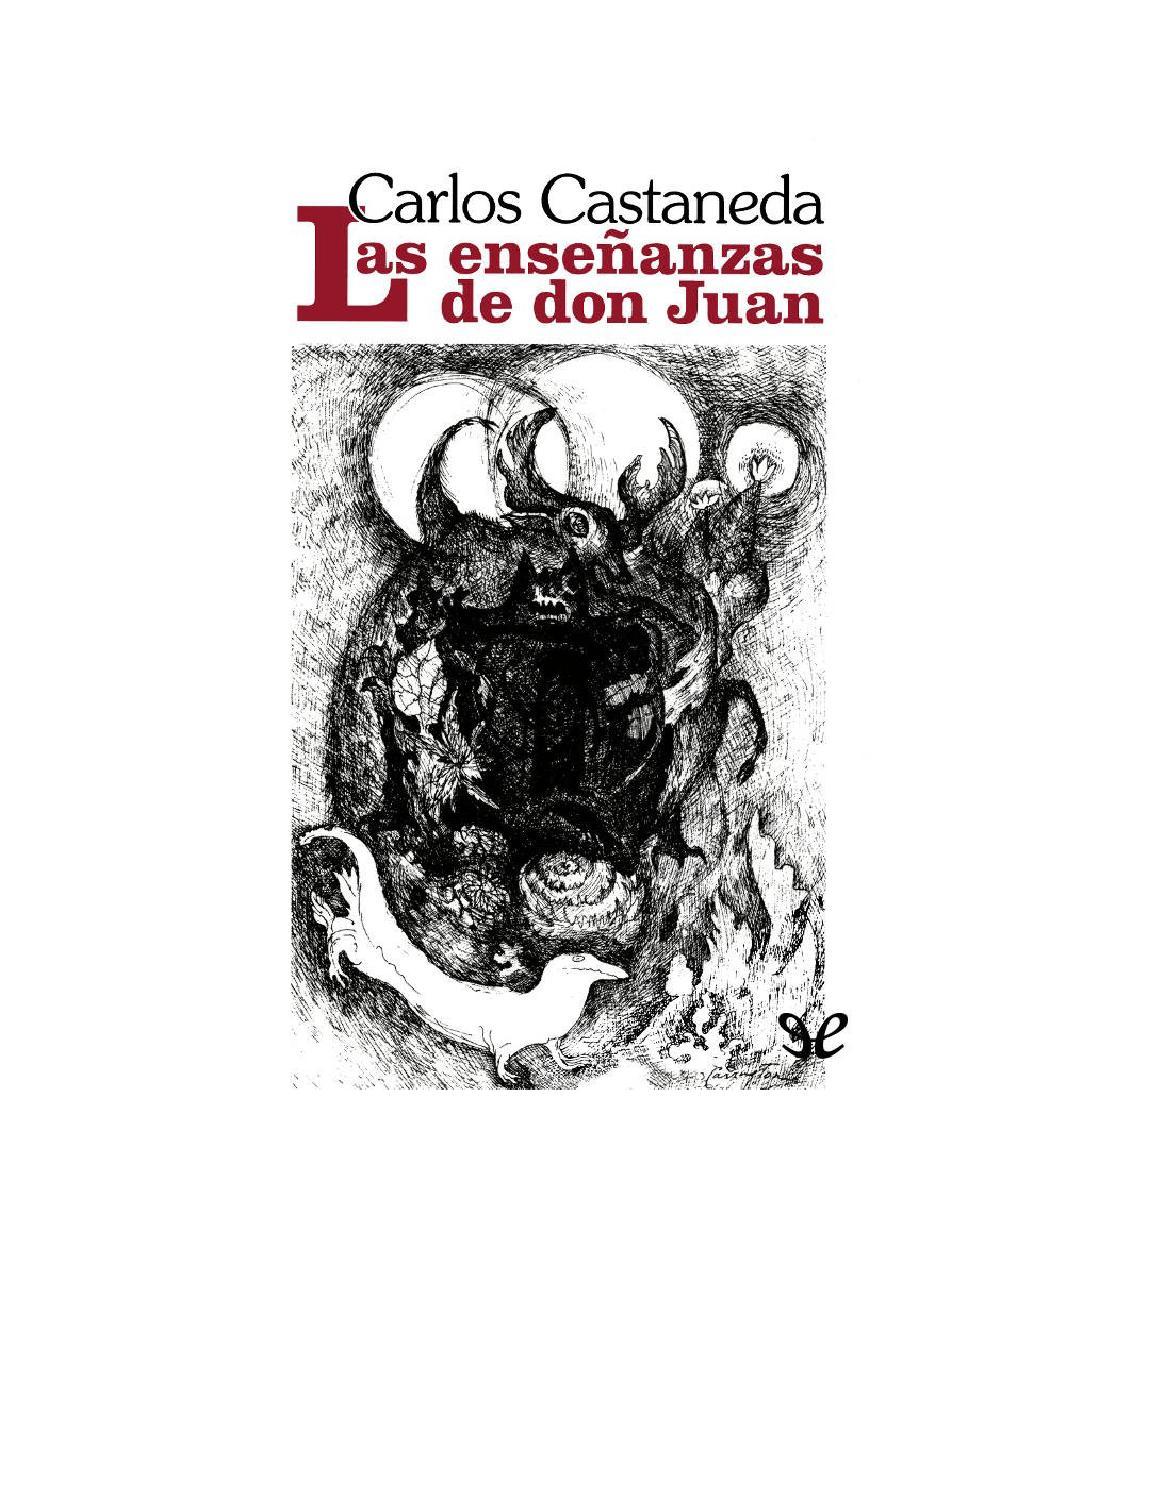 Carlos Castaneda Las Enseñanzas De Don Juan By Jair Arteaga Issuu